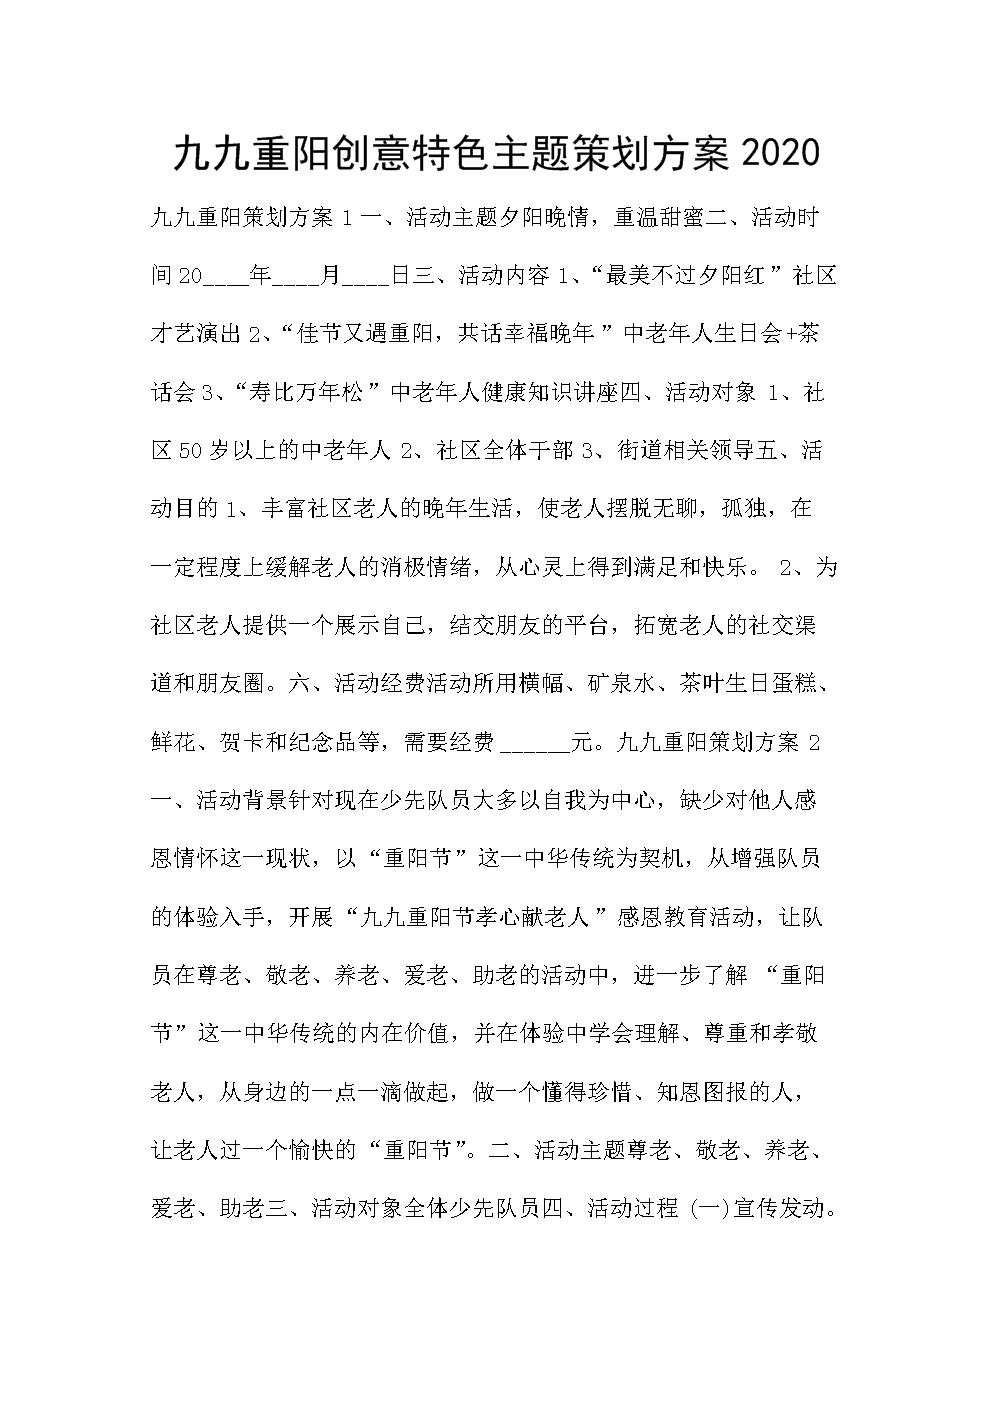 九九重阳创意特色主题策划方案2020.doc